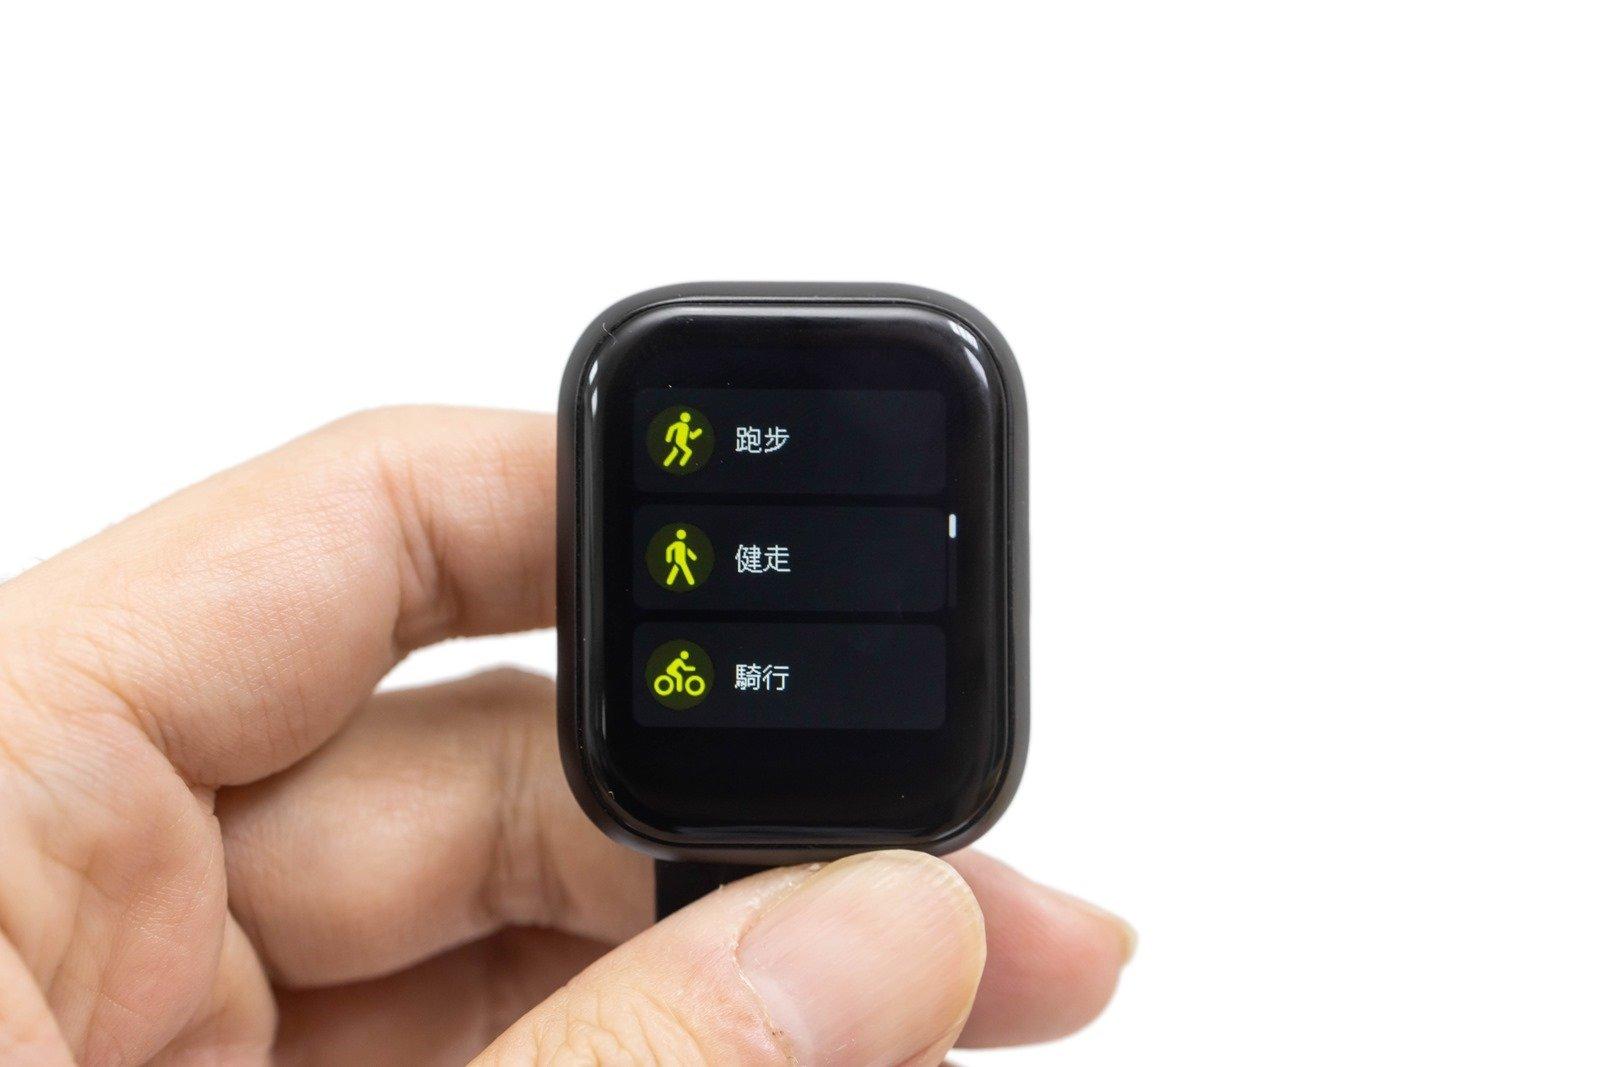 千元有找!IP68 防水平價全螢幕智慧運動手錶 omthing E-Joy 智慧手錶開箱 @3C 達人廖阿輝